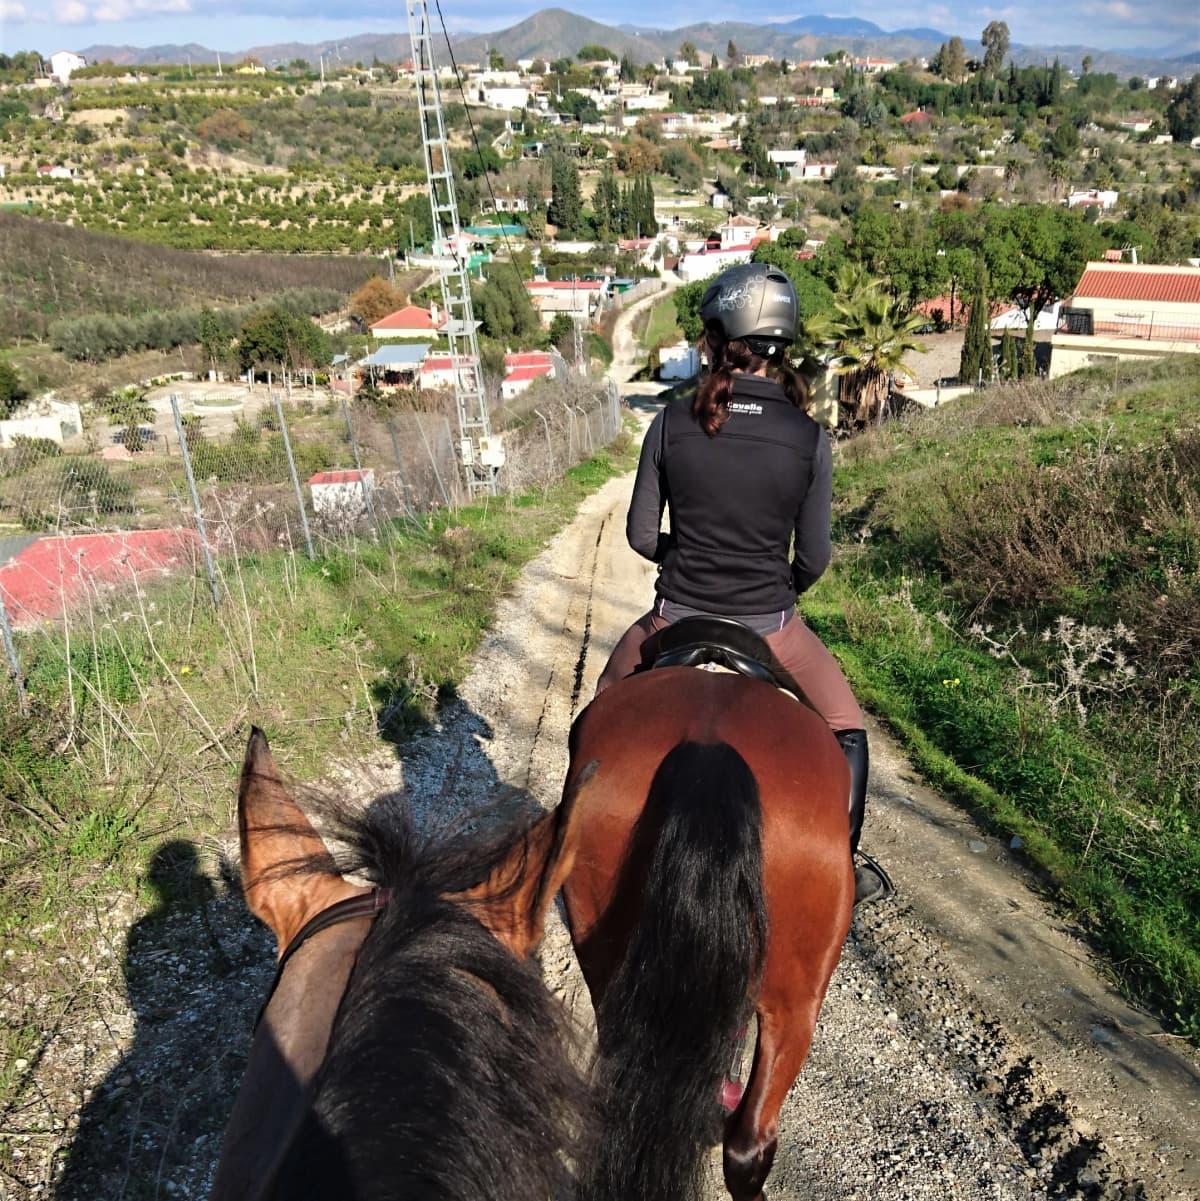 Ratsastajia espanjalaisella tiellä.